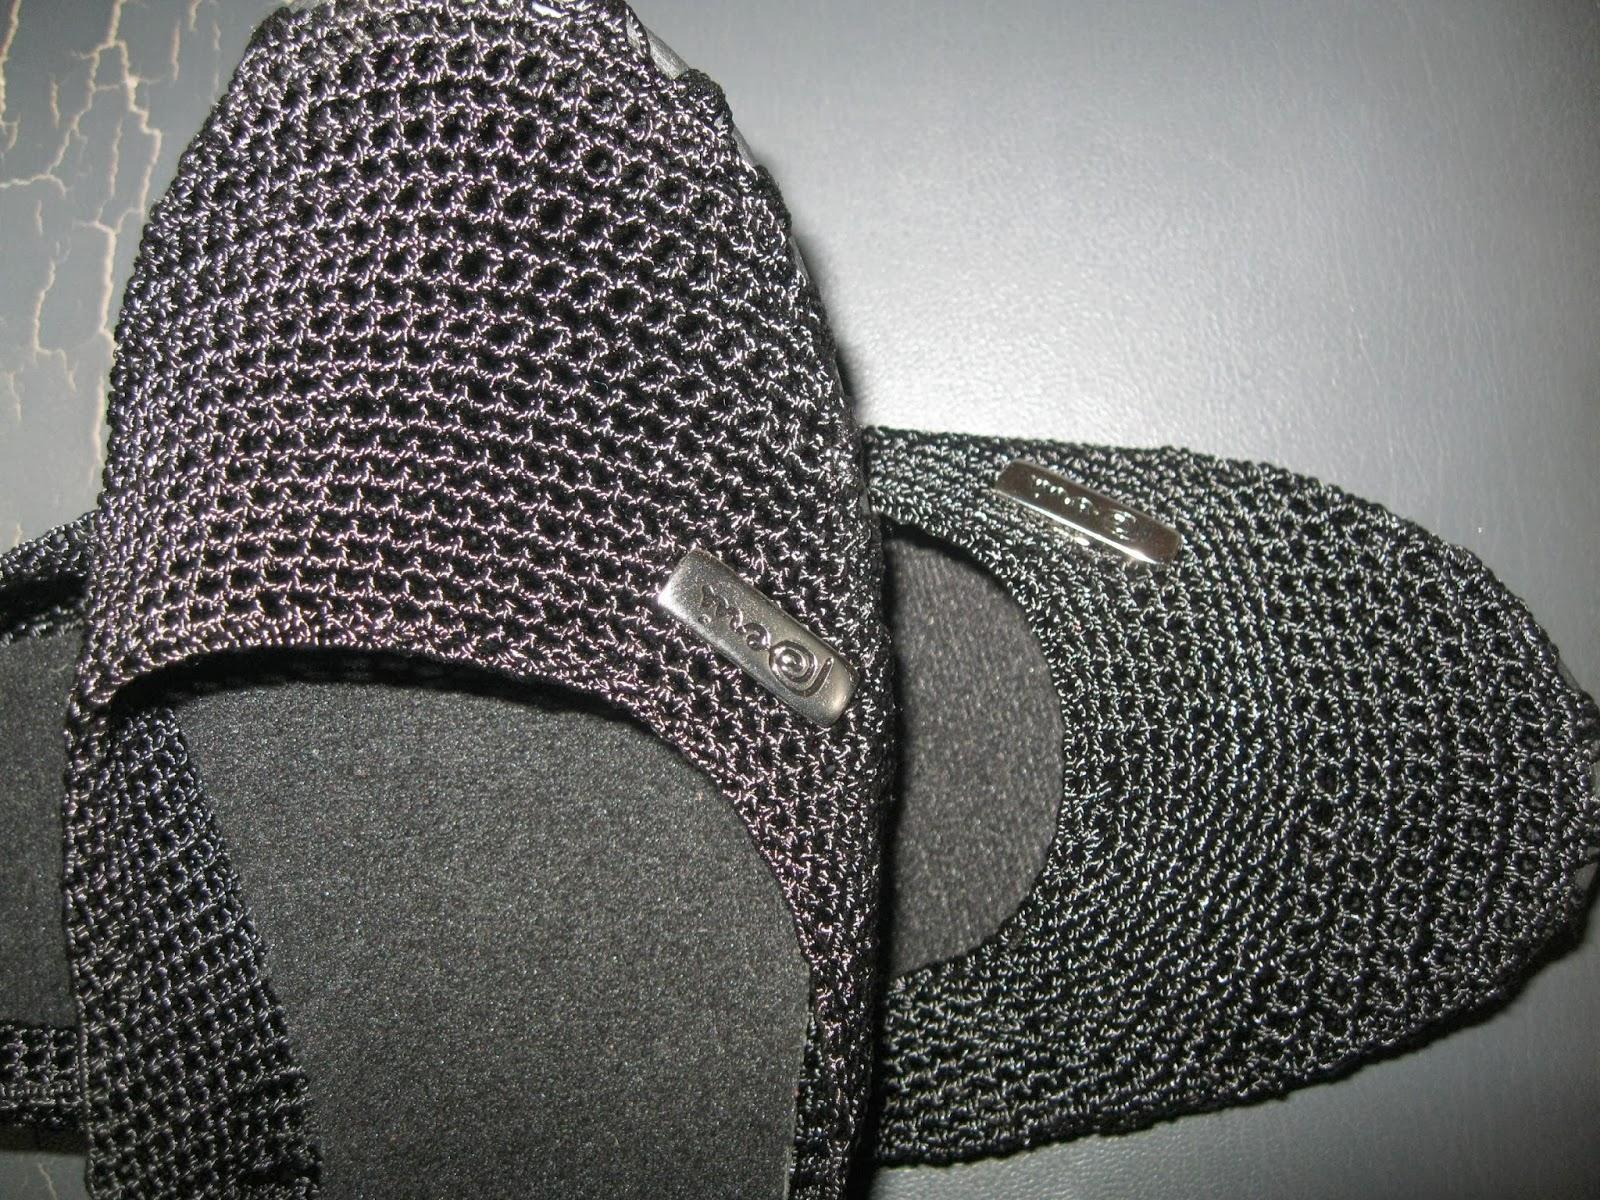 El Medio Manuales Negras Tejidos Punto Ballerinas Zapatos Con q0nOx4vHOZ